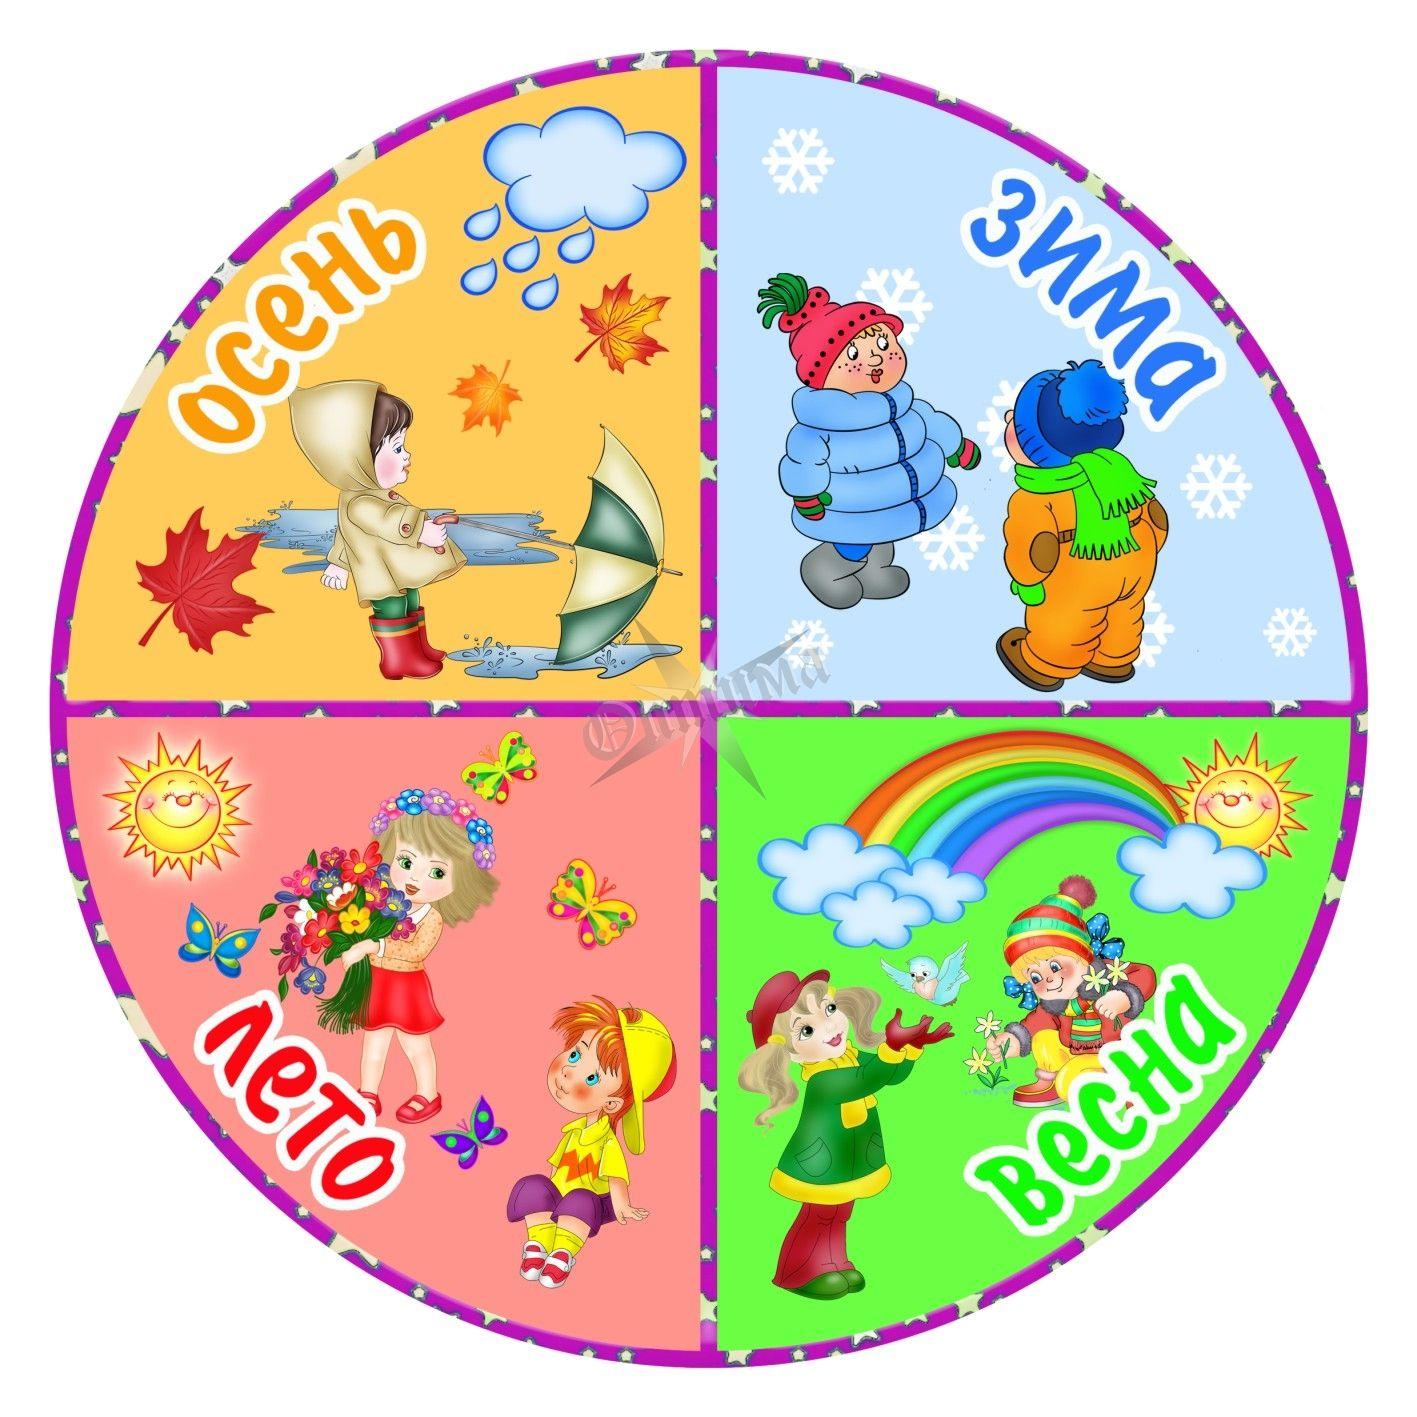 Картинка времена года для детей в форме круга, троица поздравления